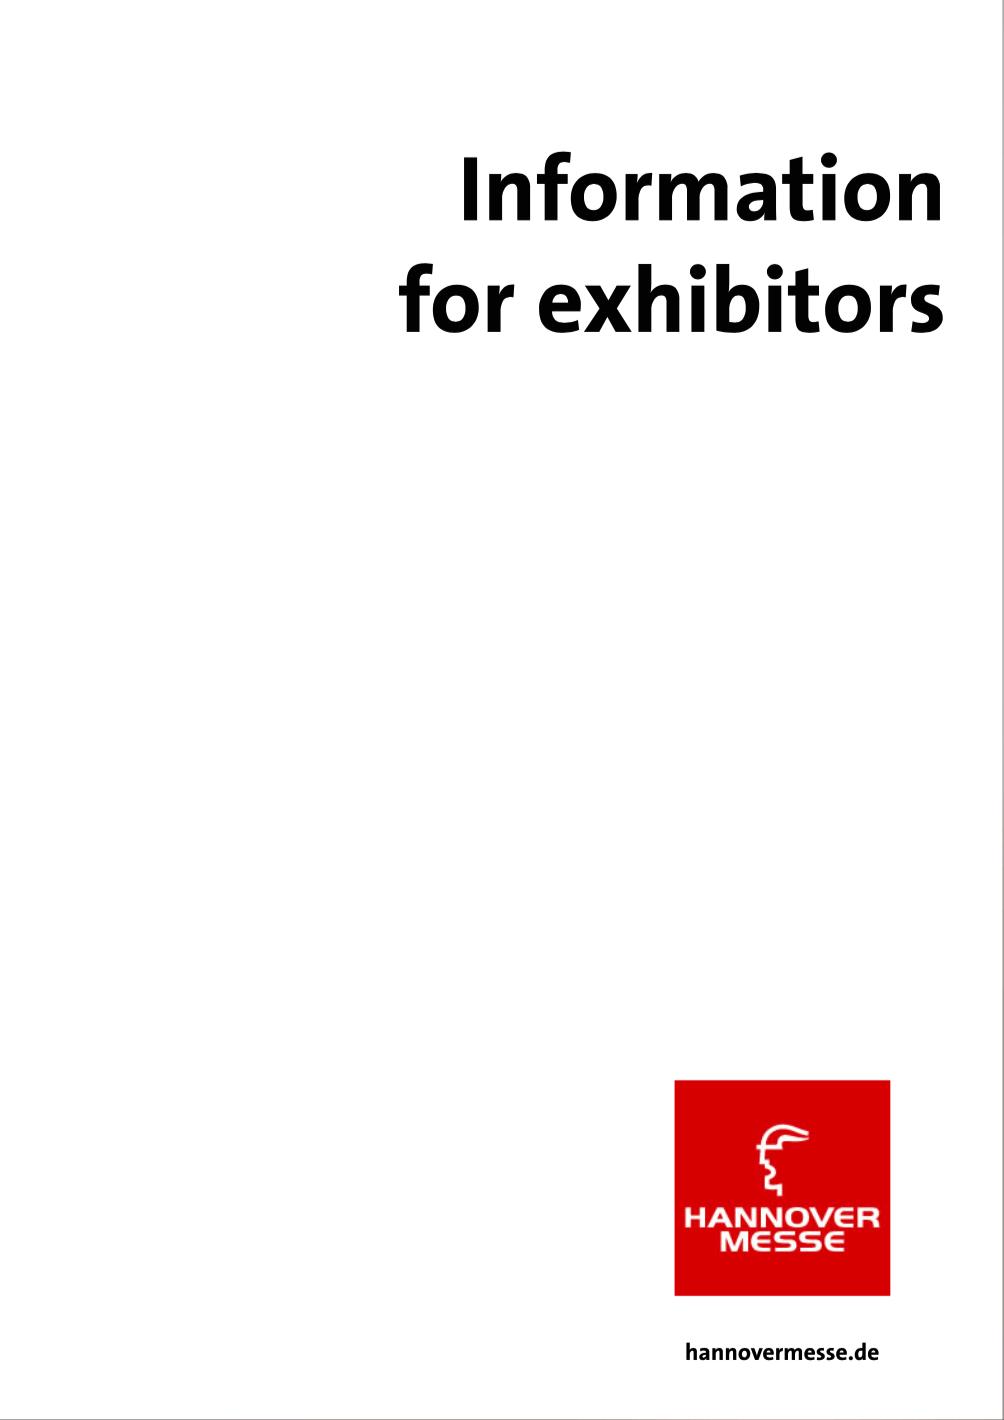 Hannover Messe 2018 kiállítói információk borító